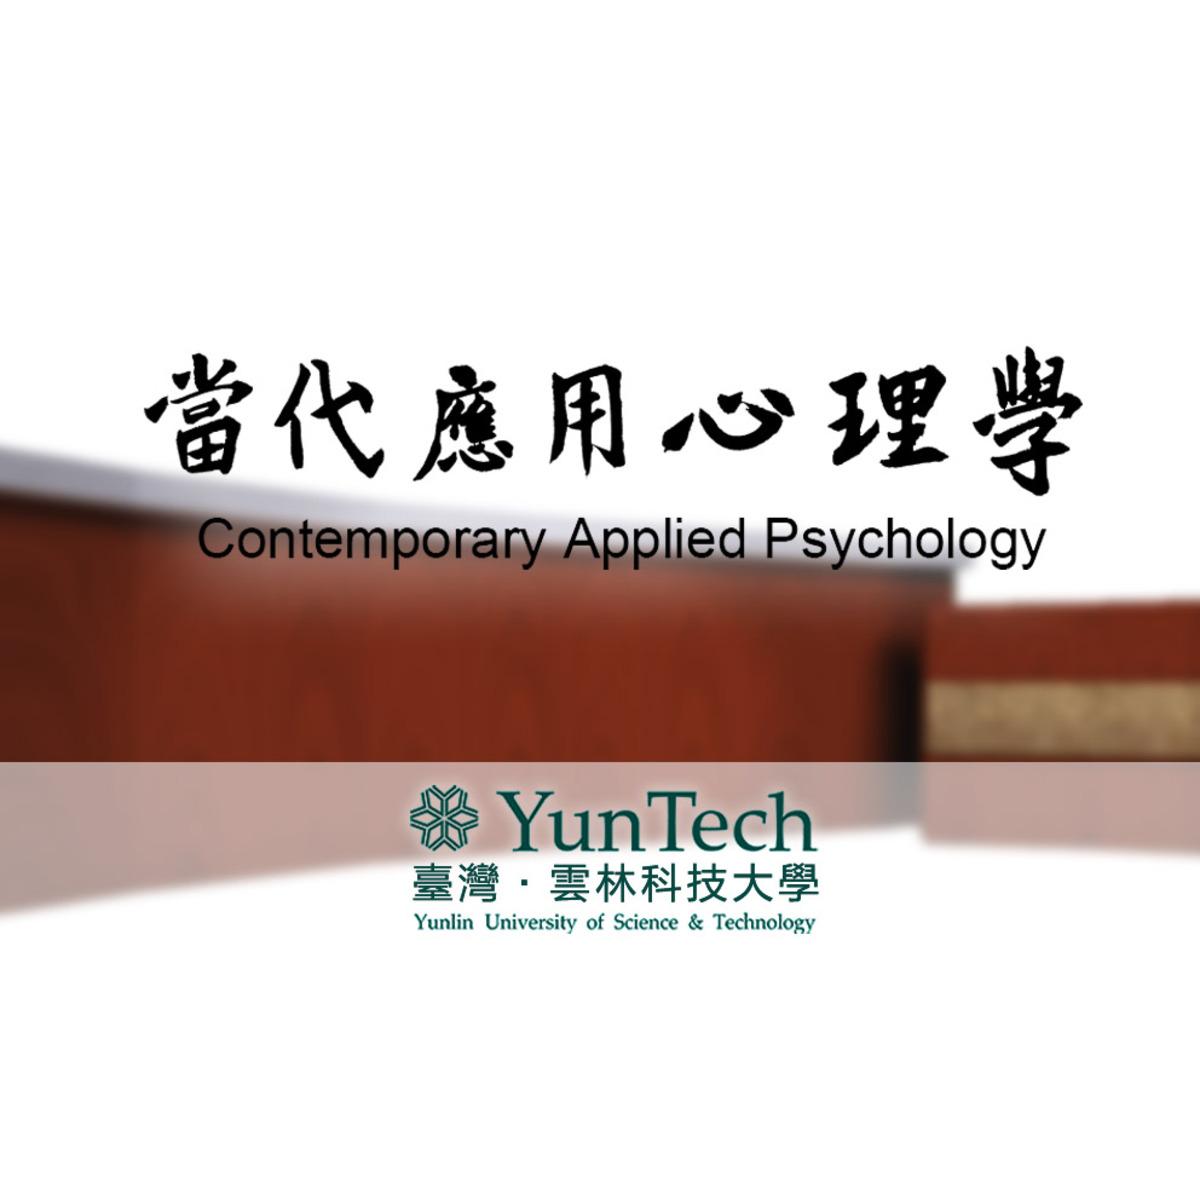 当代应用心理学 course image